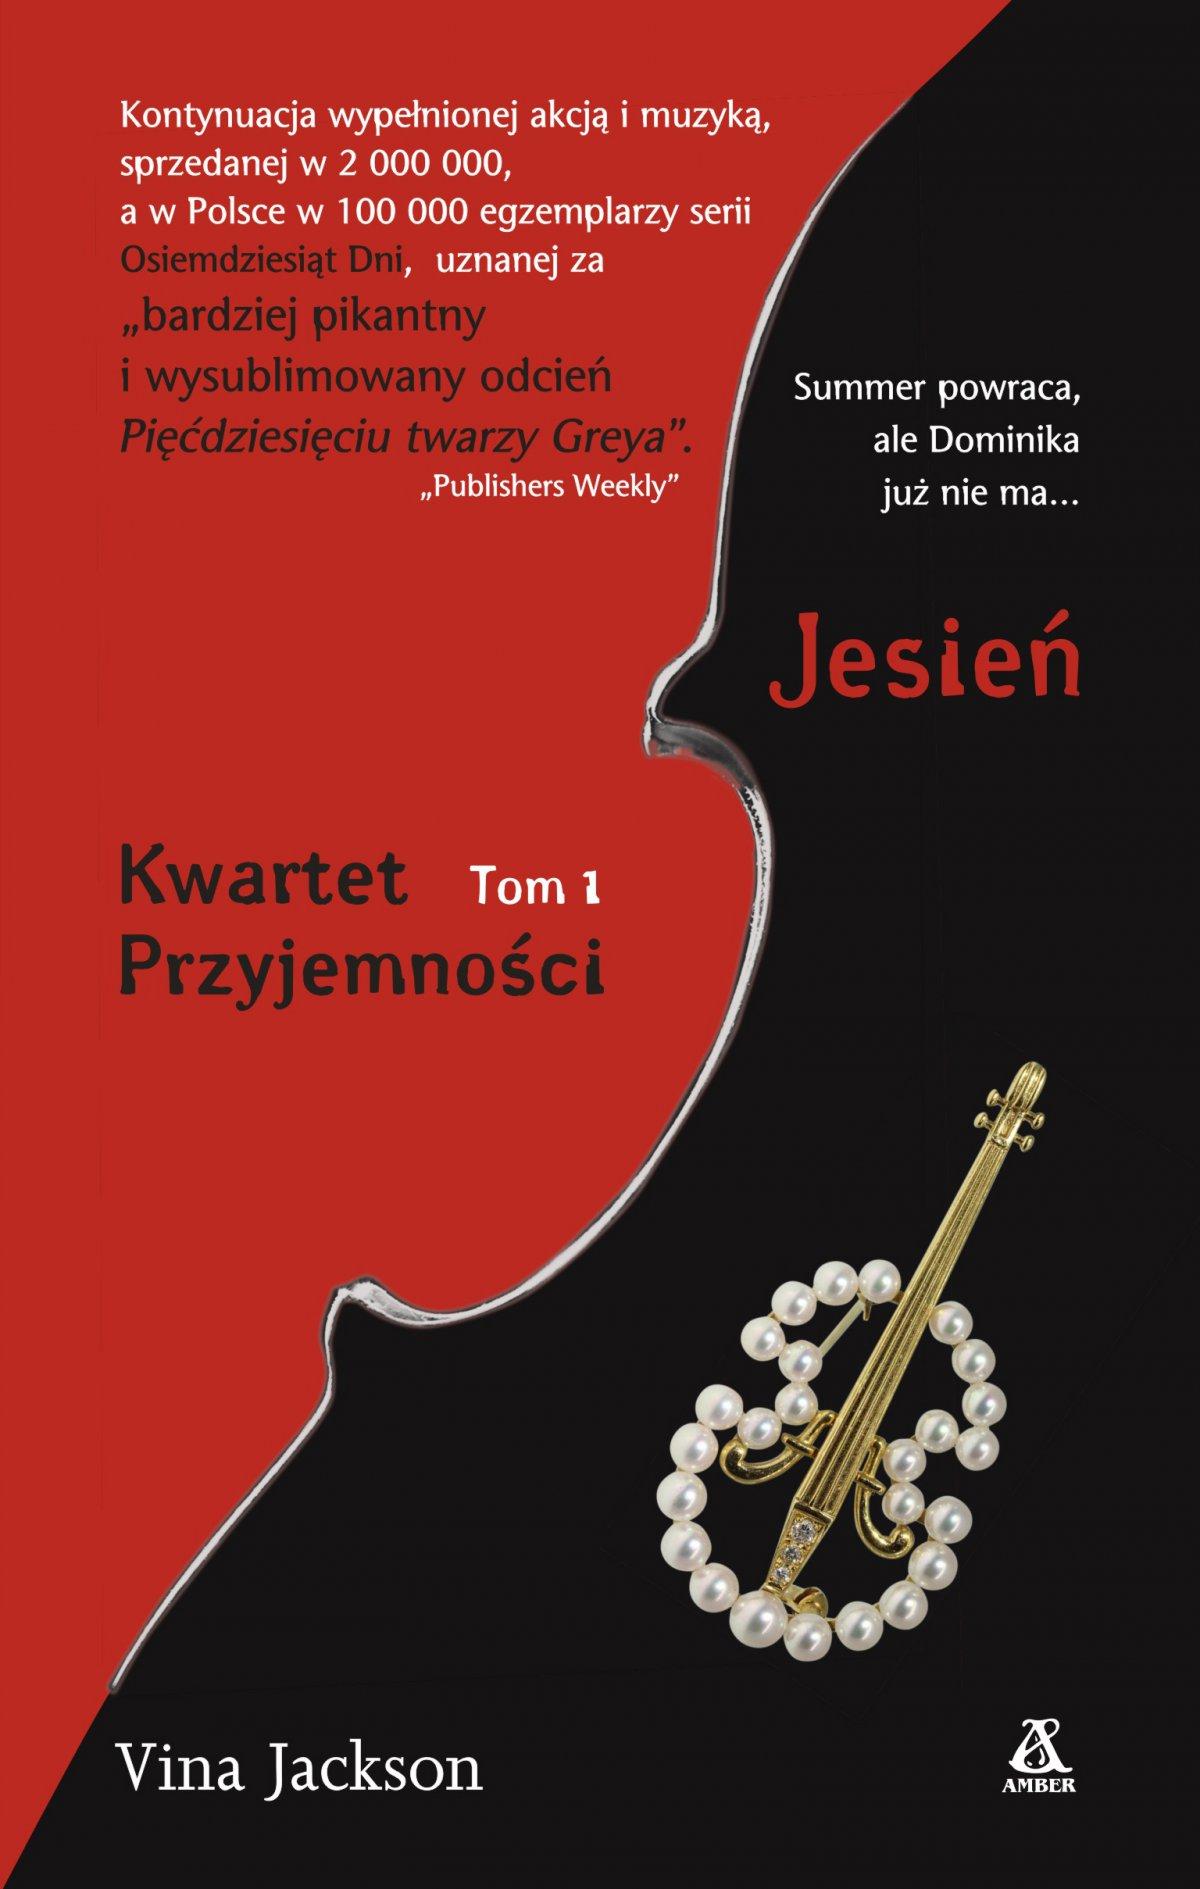 Kwartet Przyjemności. Jesień - Ebook (Książka EPUB) do pobrania w formacie EPUB